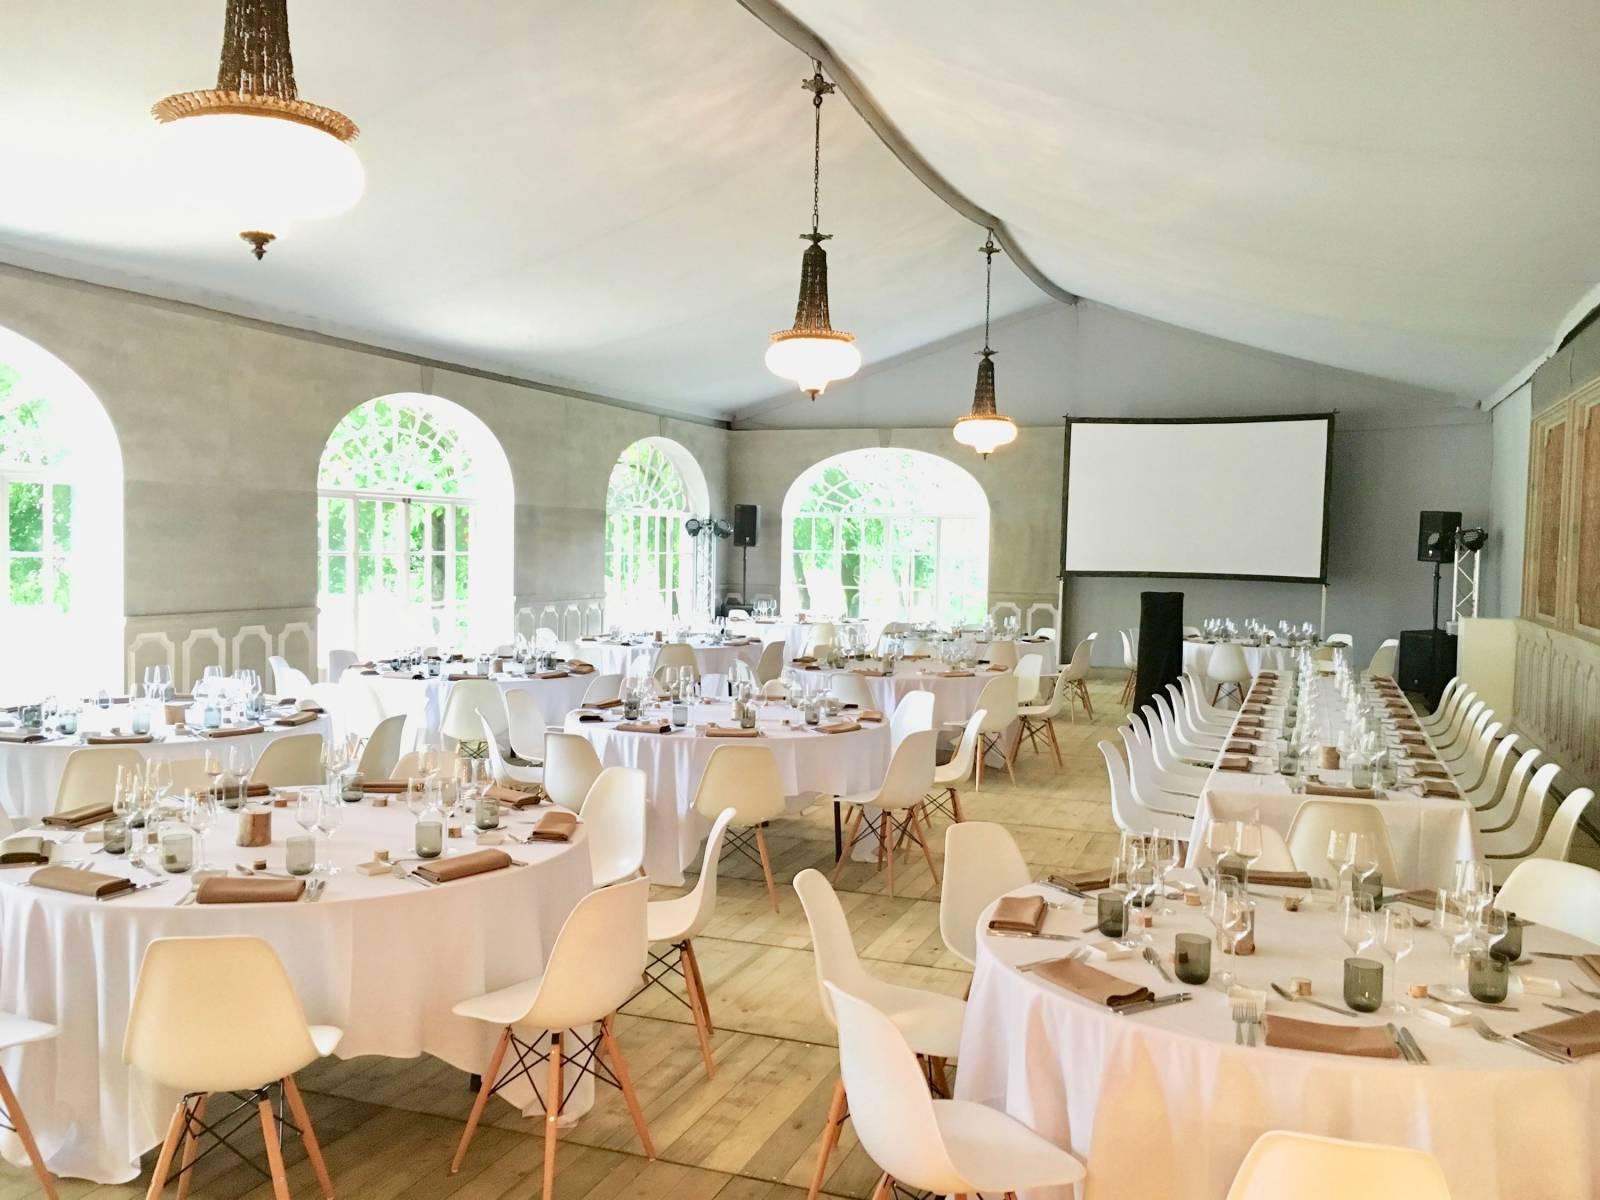 Kasteel van Leeuwergem - Feestzaal - House of Weddings  - 40